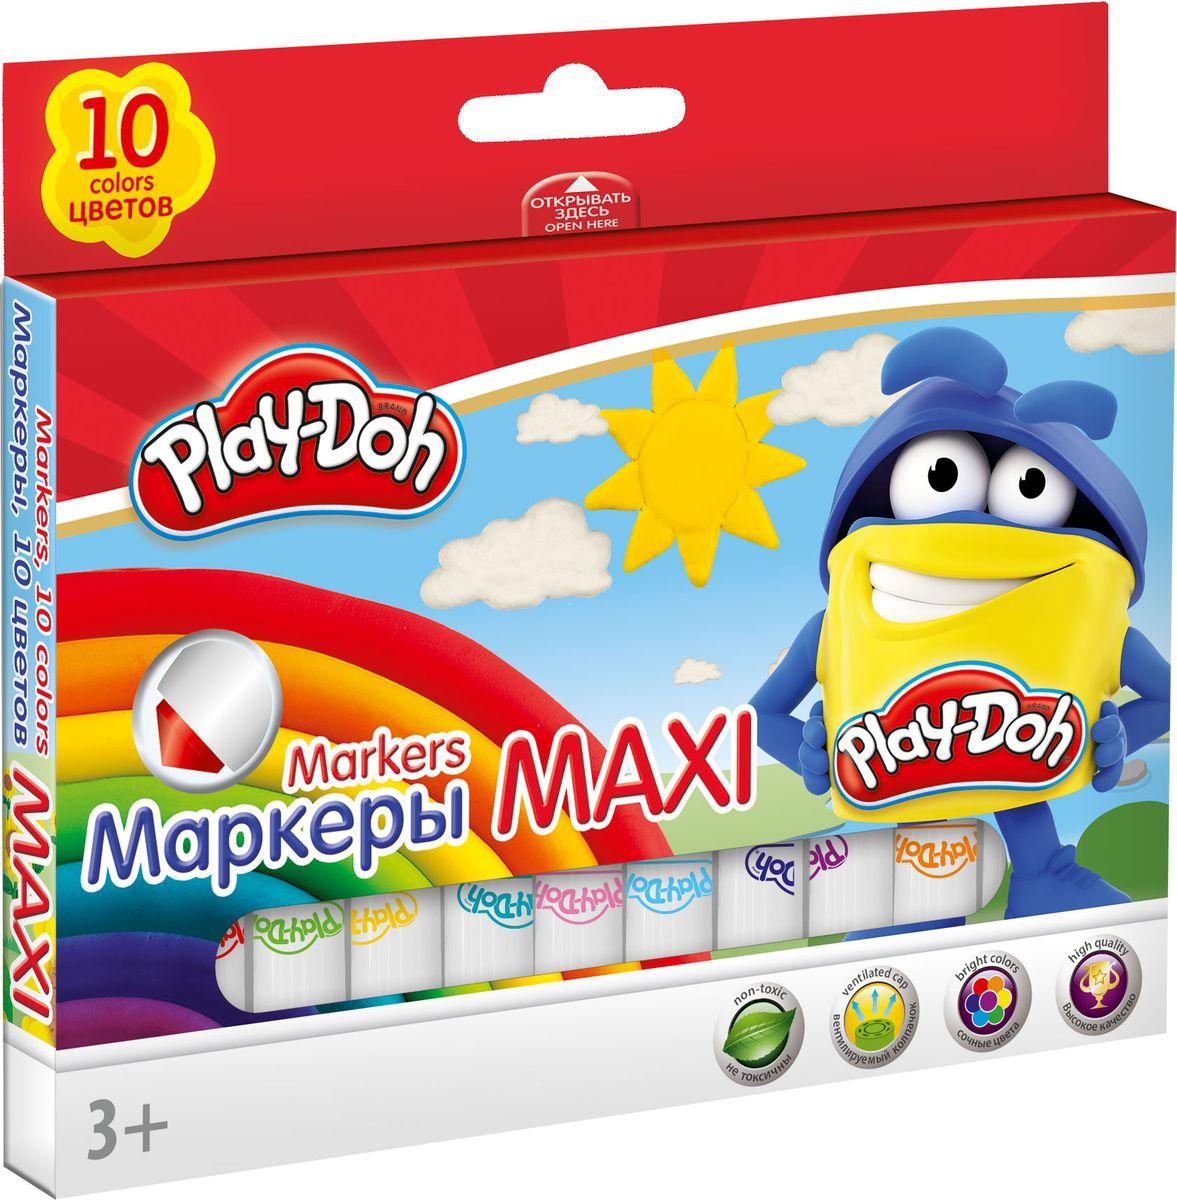 Play Doh Набор цветных маркеров Maxi 10 штPDDB-US1-7MB-10Набор маркеров Play-Doh Maxi, предназначенный специально для рисования изакрашивания, обязательно порадует юных художников и поможет им создать яркие инеповторимые картинки. Корпус маркеров изготовлен из высококачественного нетоксичного пластика, авентилируемый колпачок увеличивает срок службы чернил и предотвращает ихпреждевременное высыхание. Эргономичная форма корпуса увеличенной толщиныобеспечивает комфортное и легкое рисование.Набор включает в себя 10 маркеров ярких насыщенных цветов.